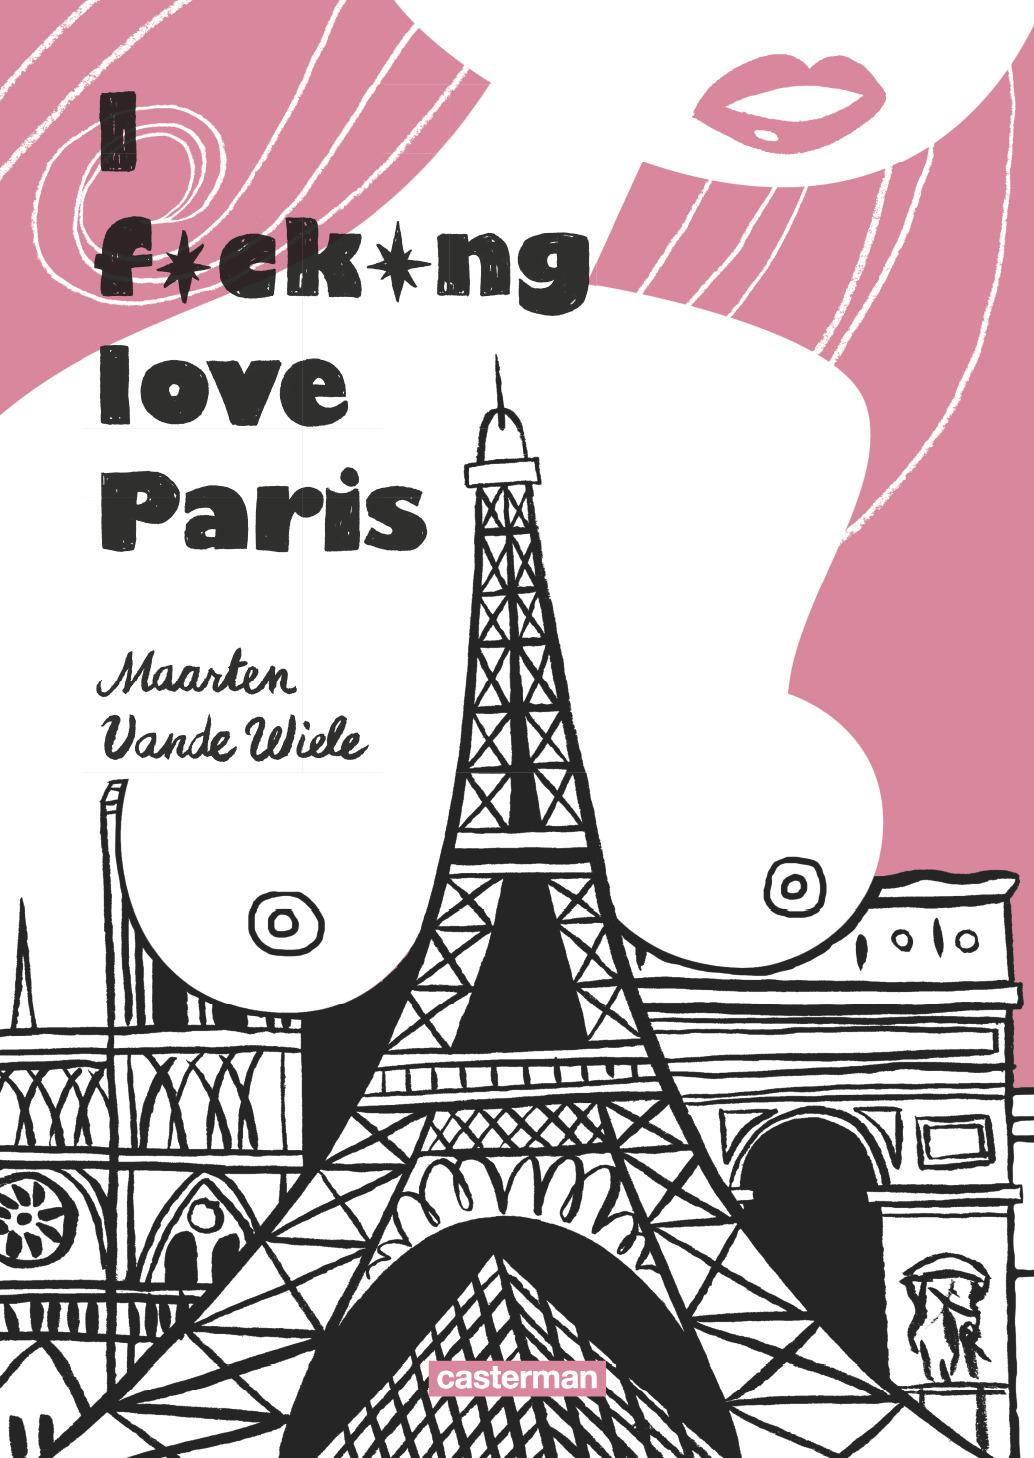 I FUCKING LOVE PARIS